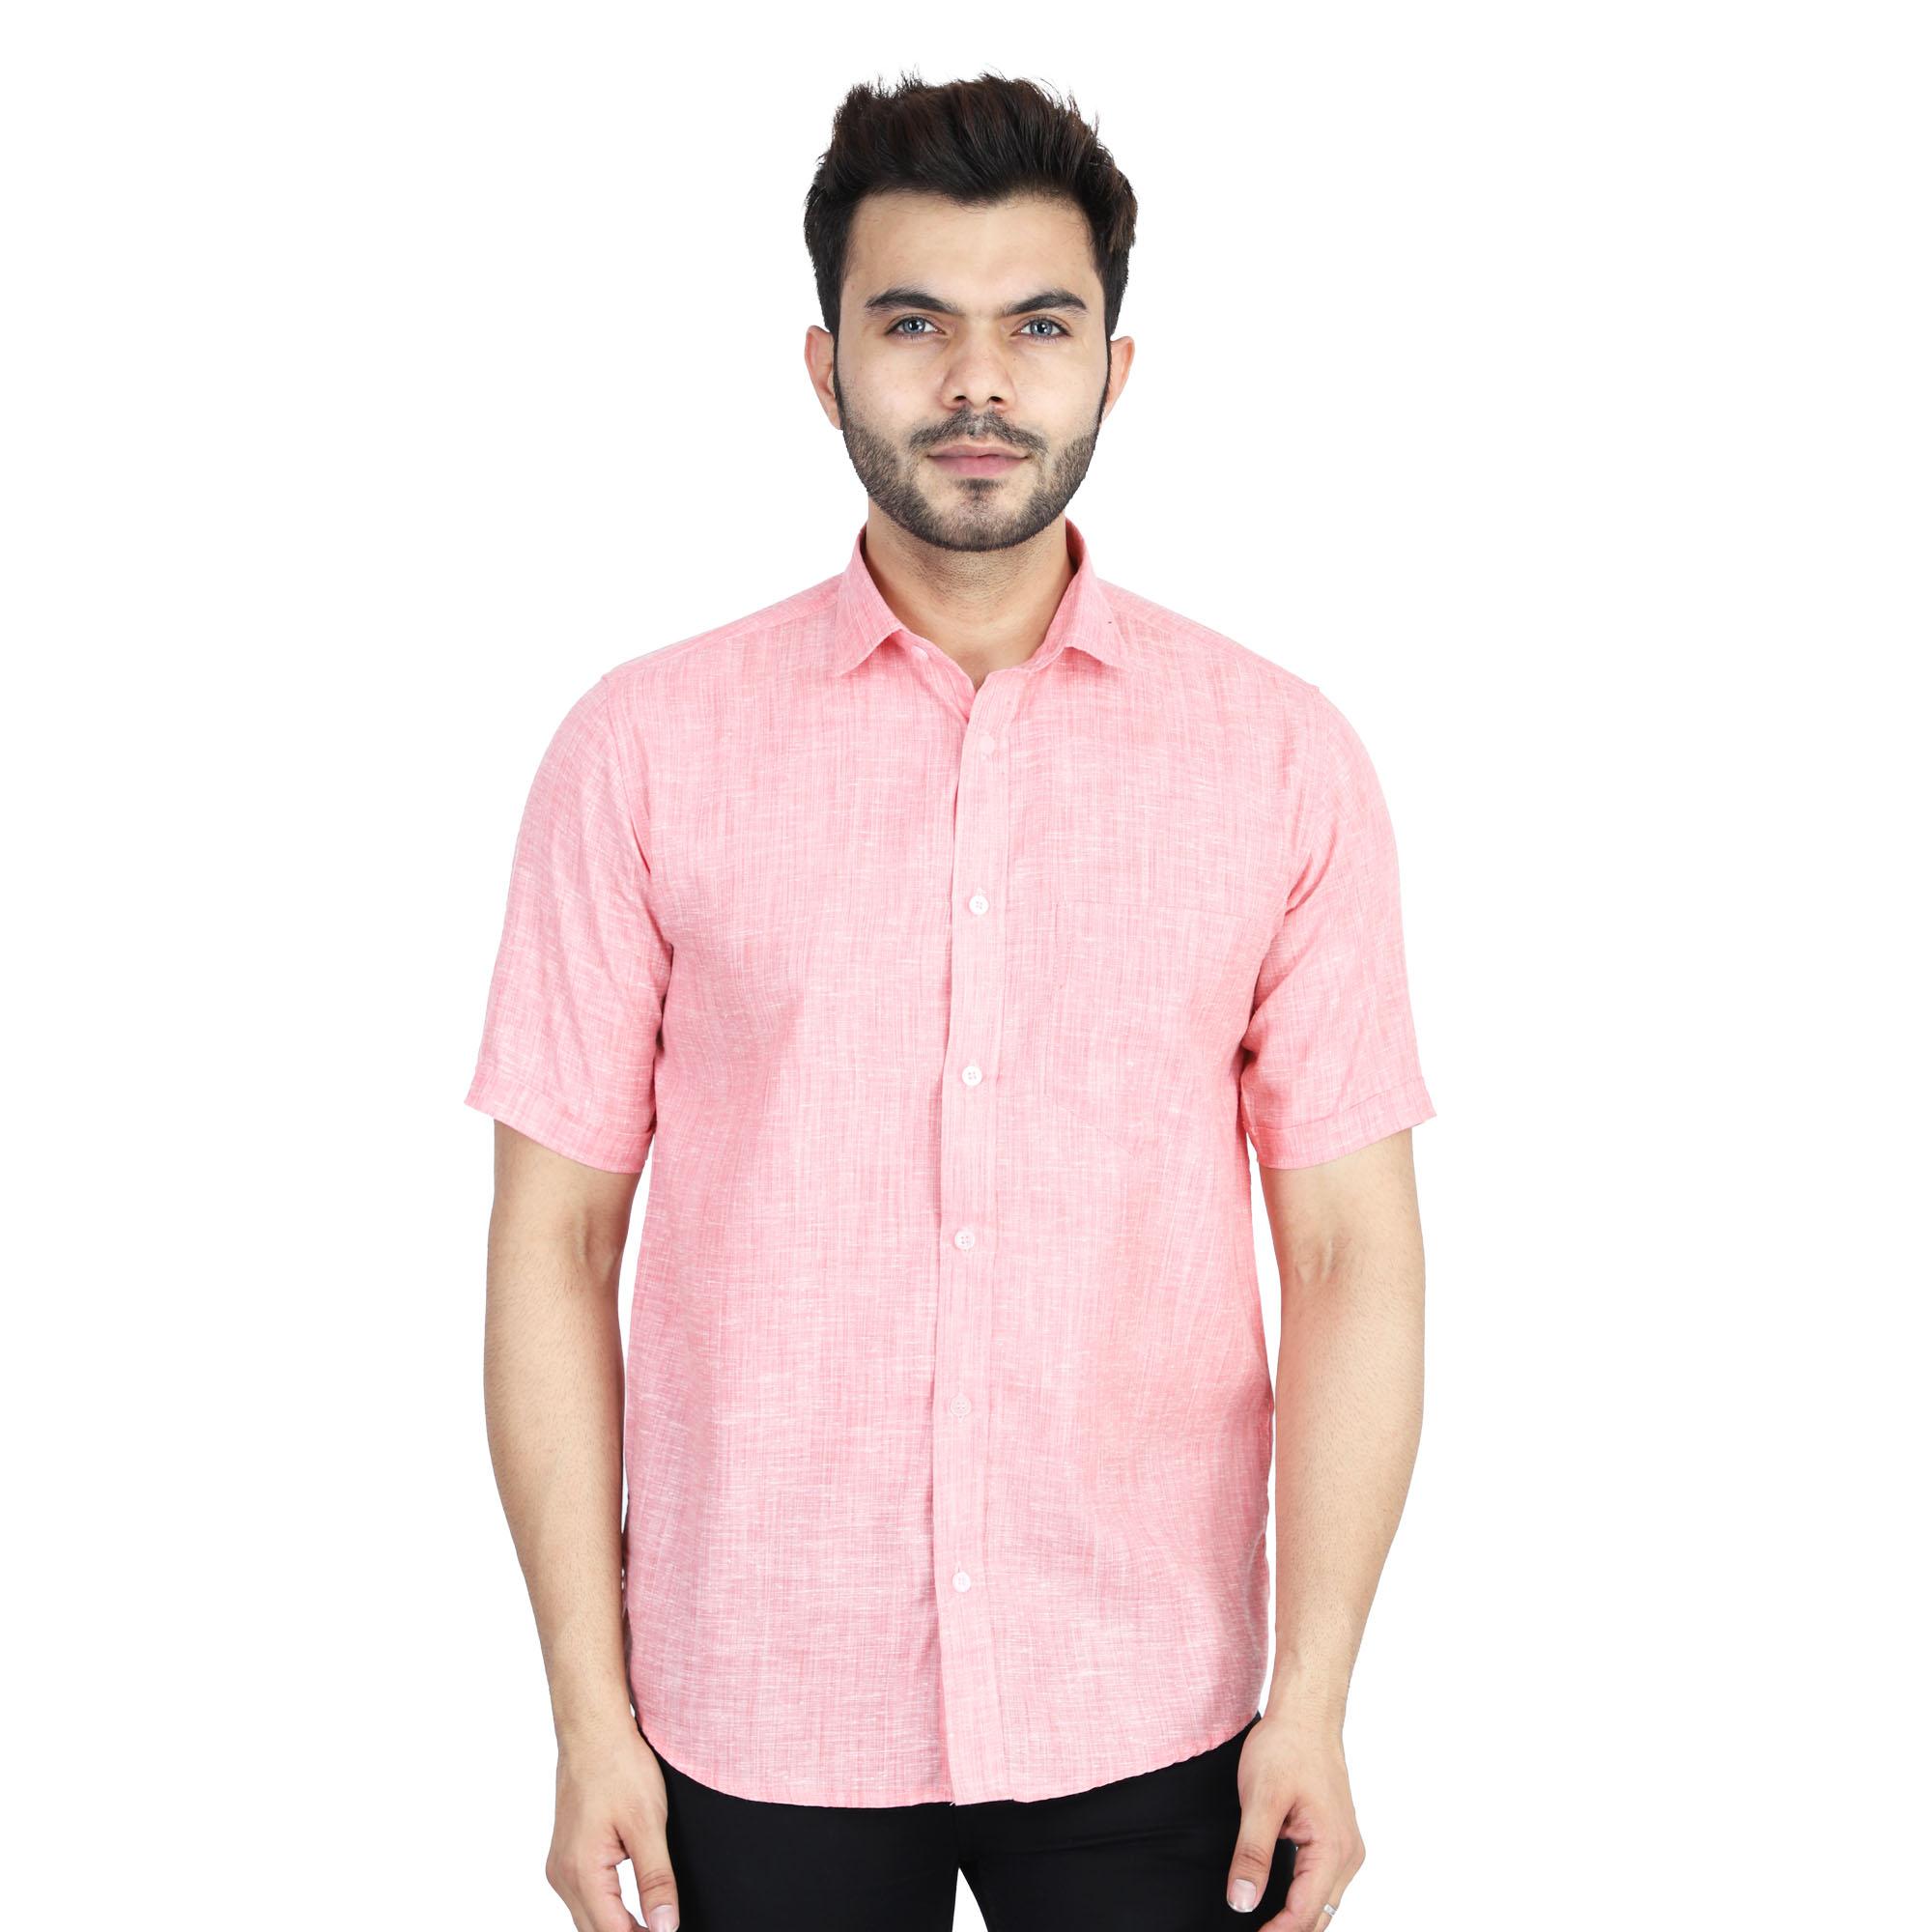 TAHVO | Tahvo Casual shirt